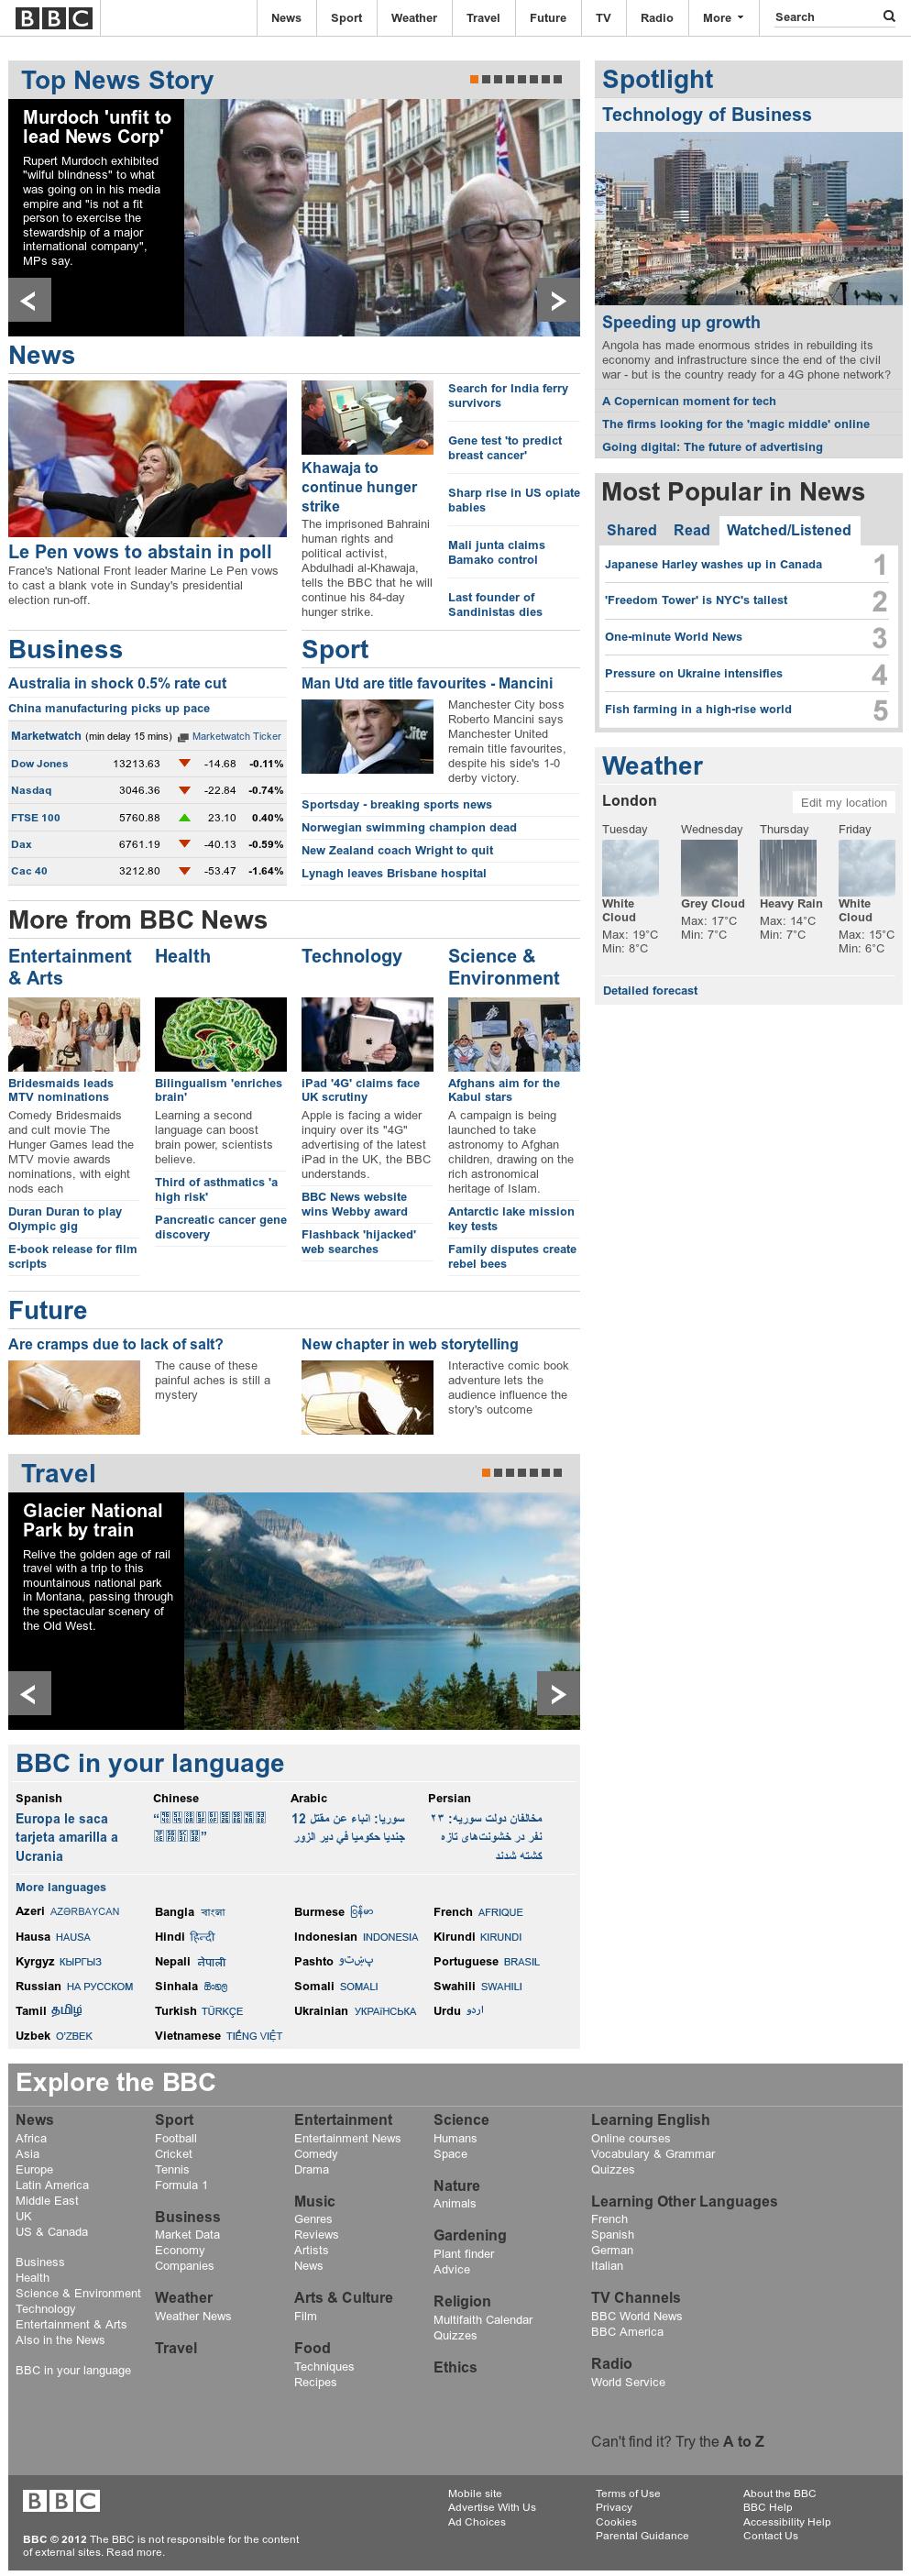 BBC at Tuesday May 1, 2012, 12:01 p.m. UTC